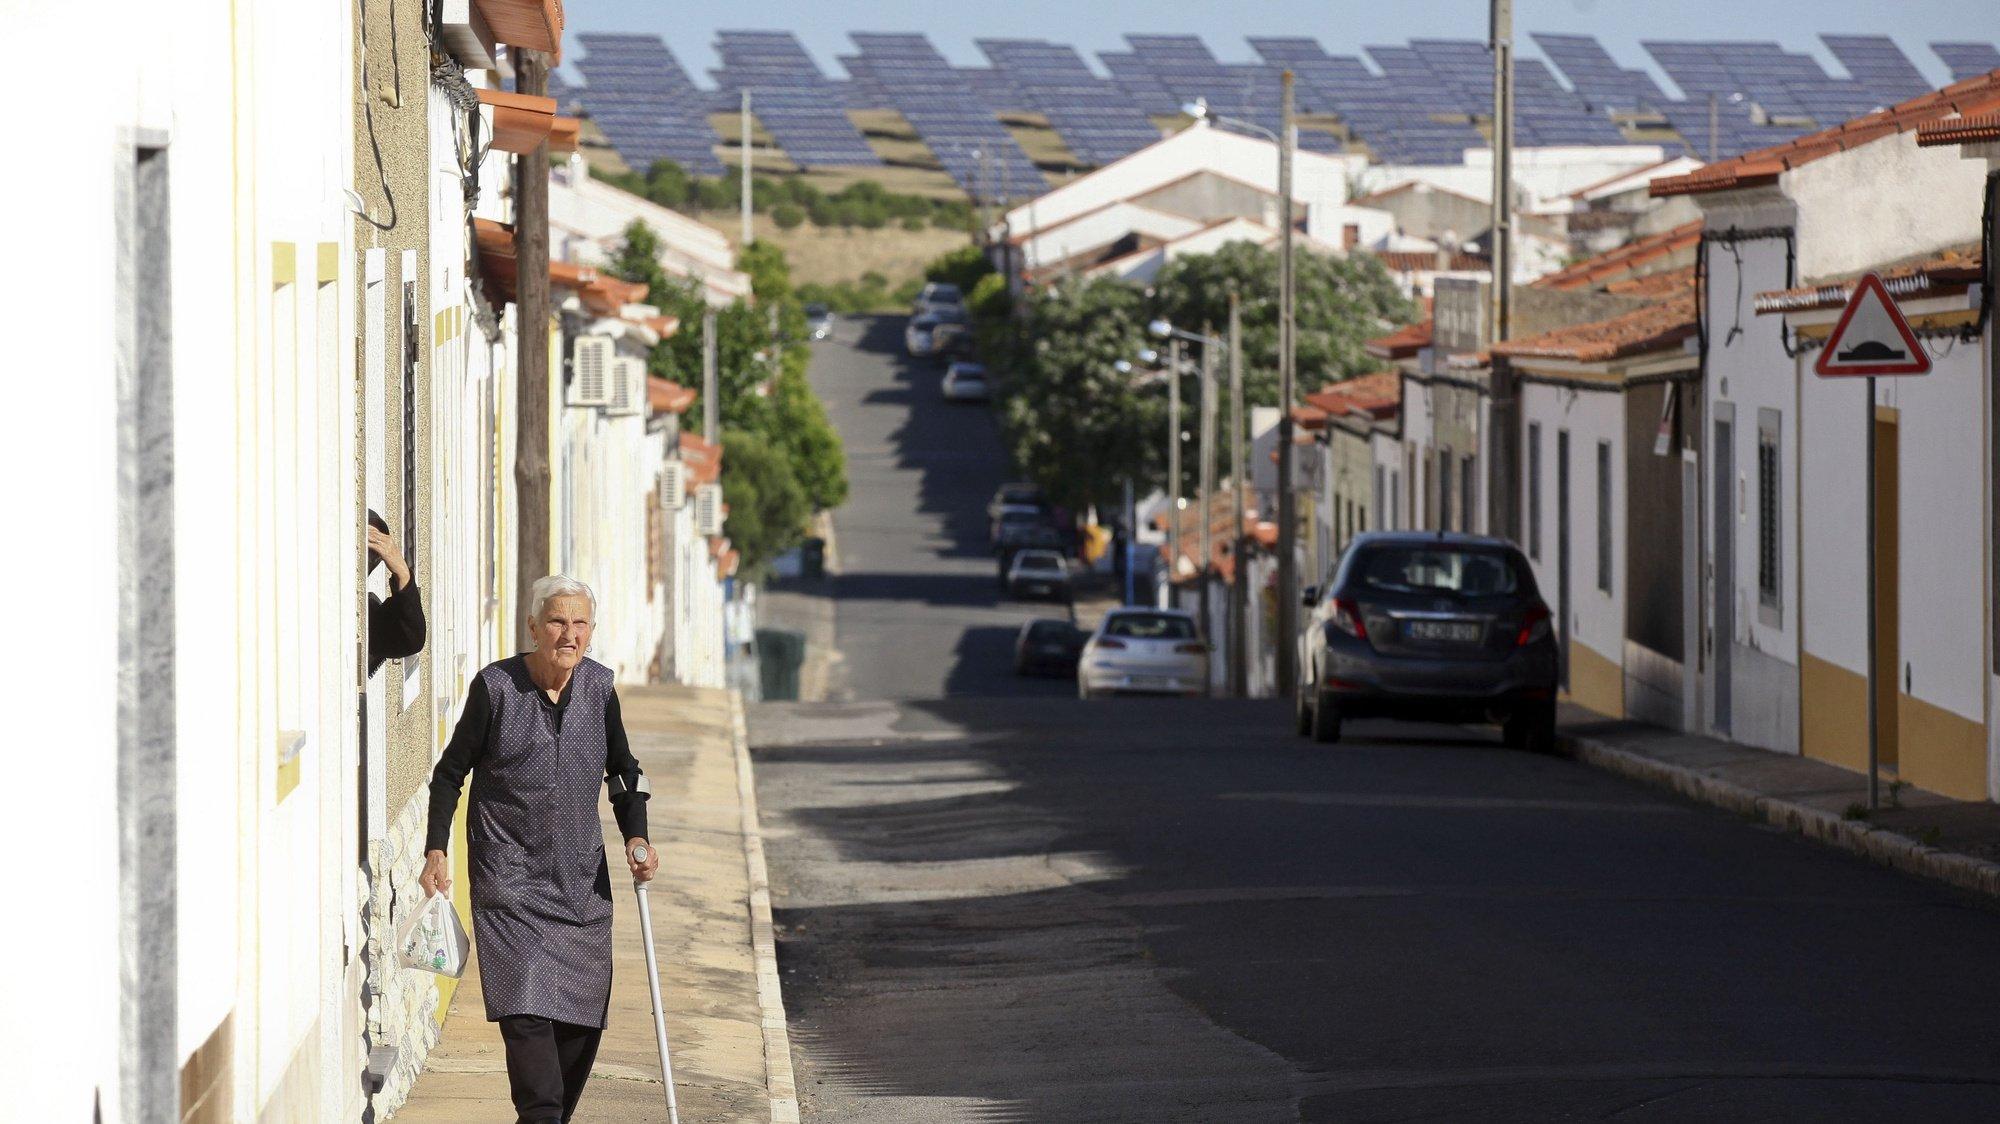 """Painéis solares da Central Solar Fotovoltaica de Amareleja, 03 de junho de 2015. Com Portugal a quebrar recordes de produção de eletricidade através de fontes renováveis, a Central Solar Fotovoltaica de Amareleja (Moura), instalada na terra com mais horas de sol, é considerada """"um bom exemplo"""". A pequena vila de Amareleja, tem como """"vizinha"""" uma paisagem """"pintada"""" com os gigantescos painéis solares da central fotovoltaica. (ACOMPANHA TEXTO DE 04 DE JUNHO DE 2016). NUNO VEIGA/LUSA"""